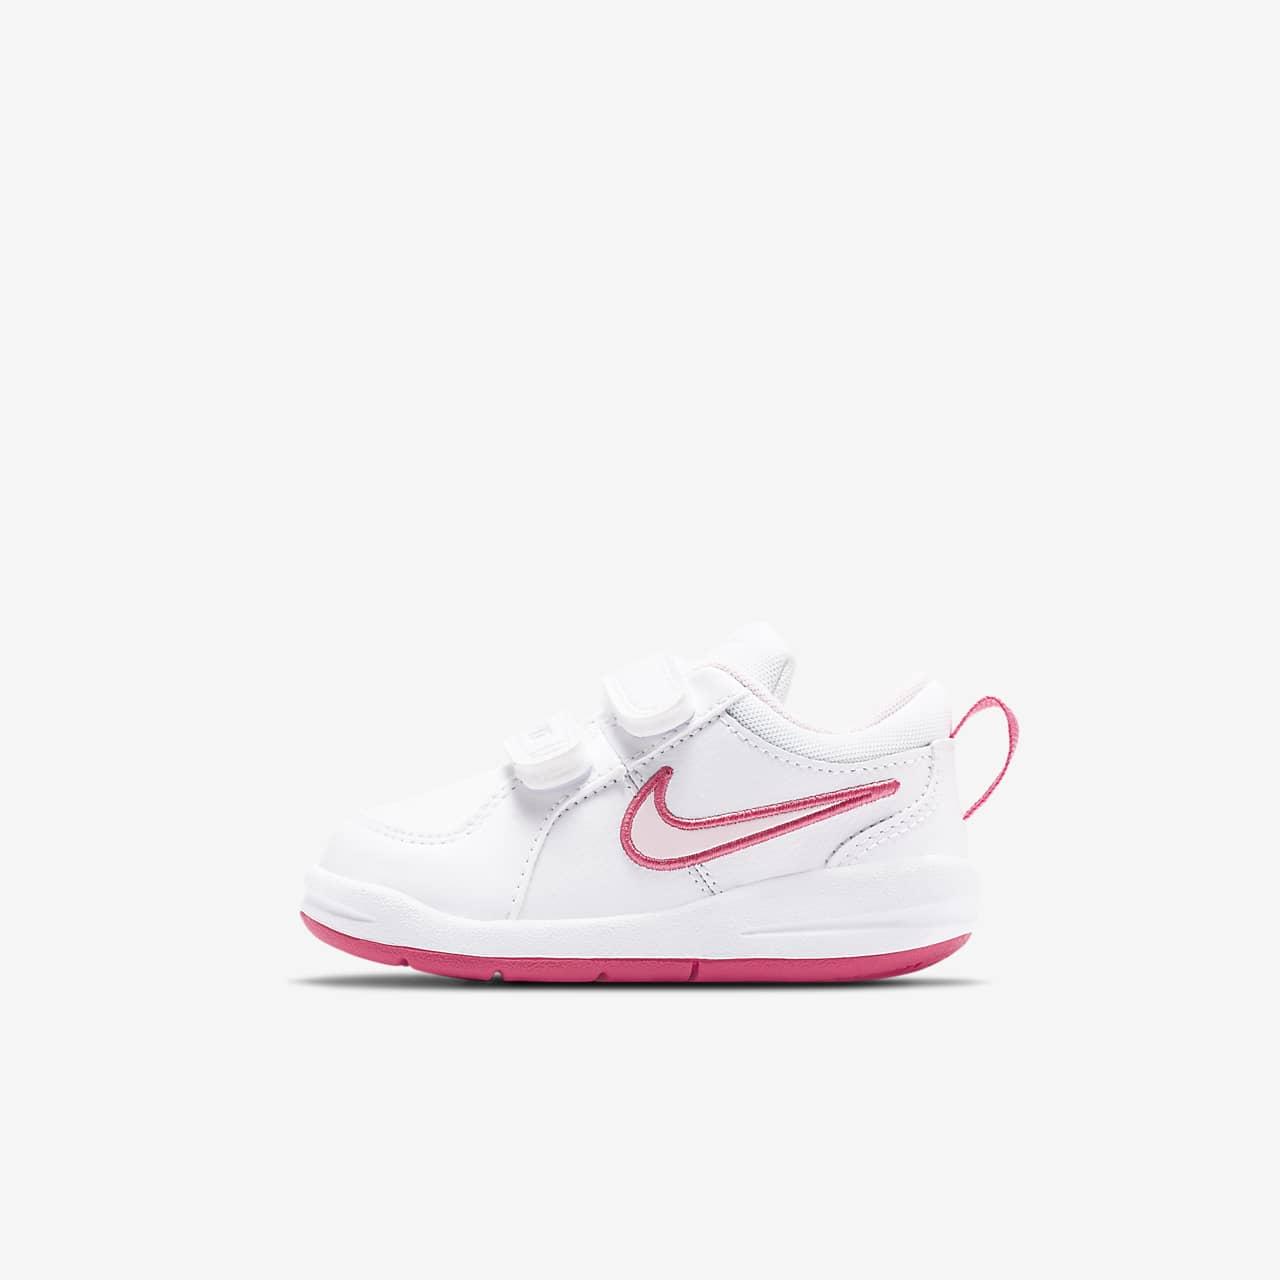 promo code 3b1e6 20936 Nike Pico 4 Meisjesschoen babyspeuters